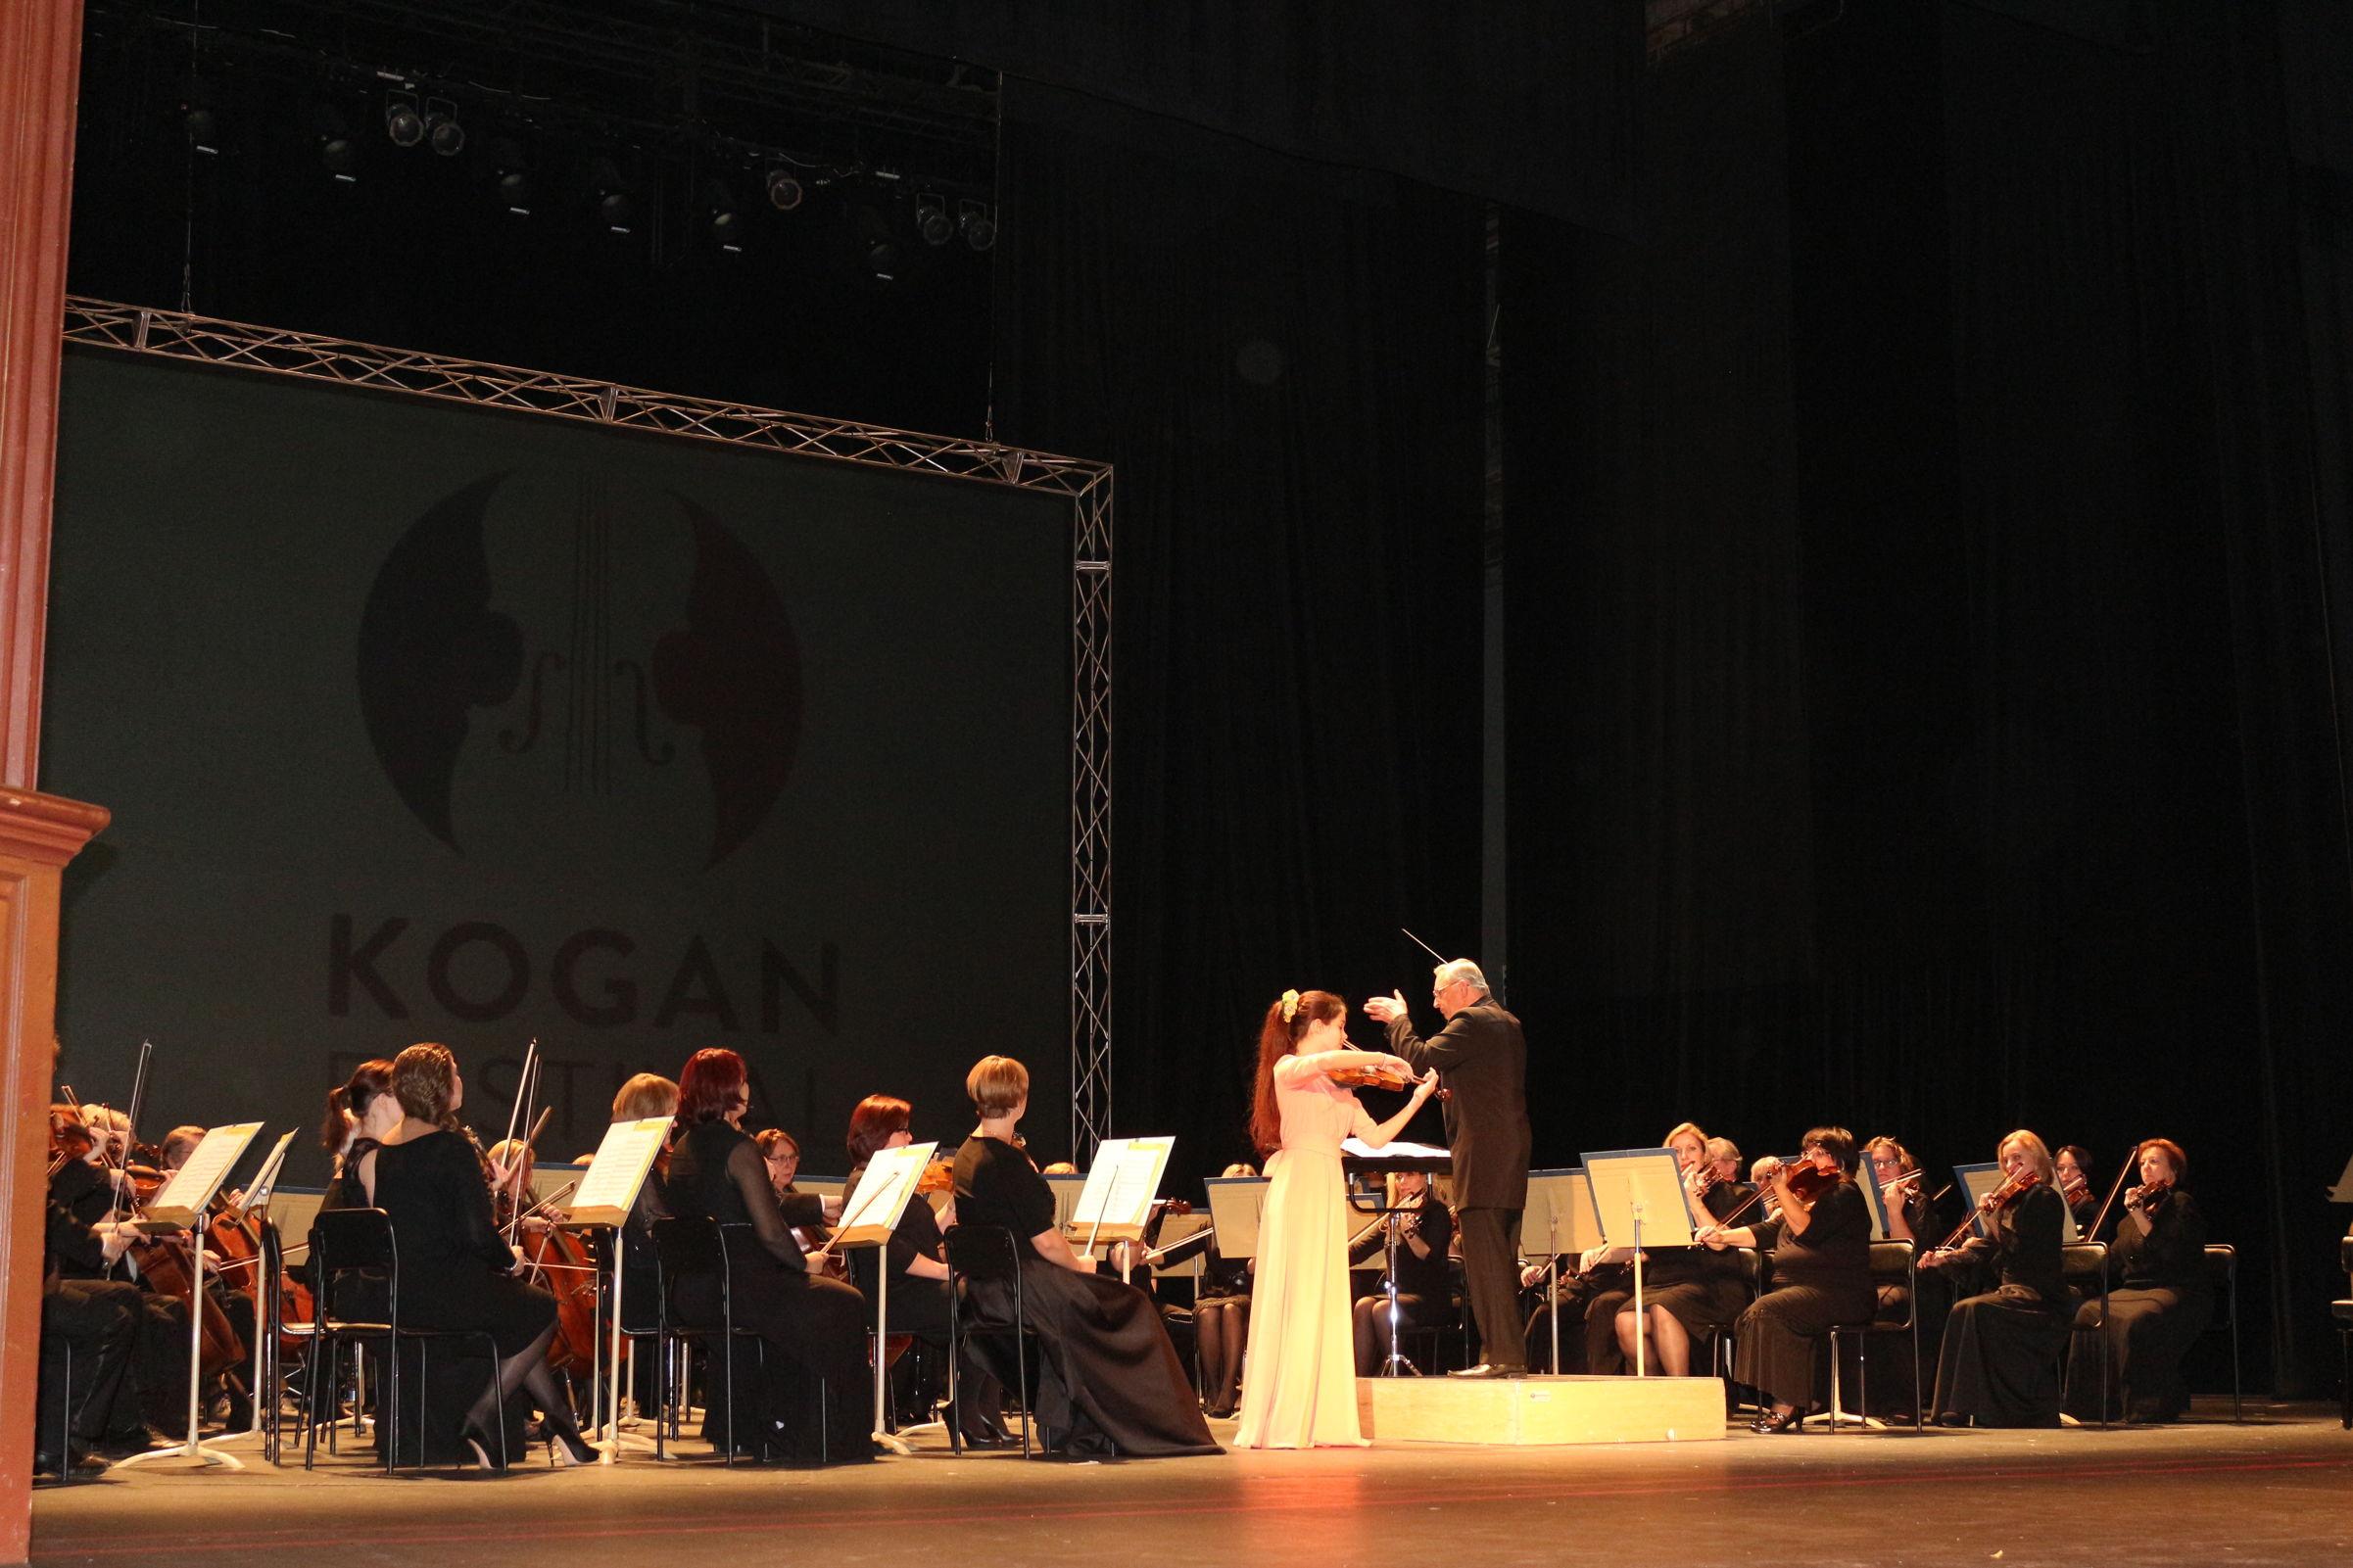 В Ярославской государственной филармонии проходит VII международный музыкальный «Коган-фестиваль»